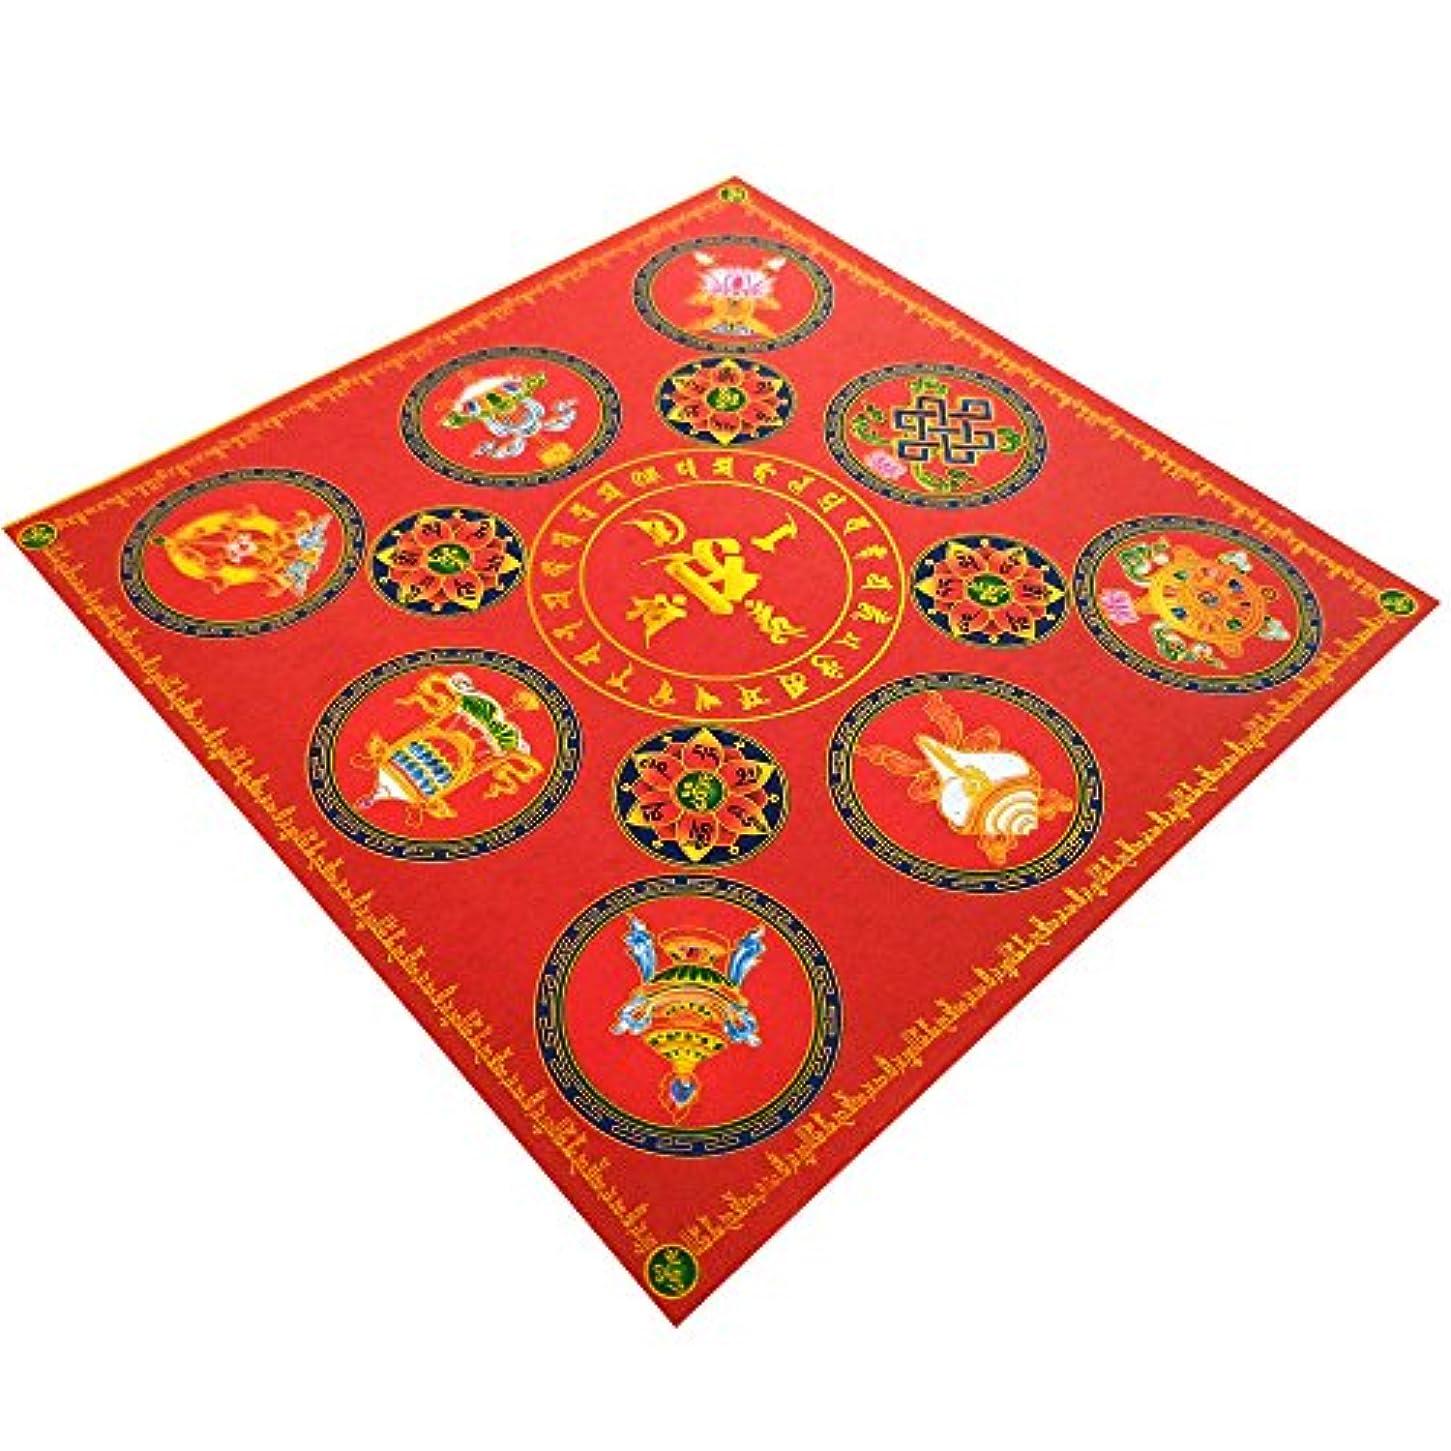 女王狐六月zeestar祖先Incense用紙/ゴーストお金の祖先Praying 7.6インチx 7.6インチ、40個 – 吉祥(Lotus